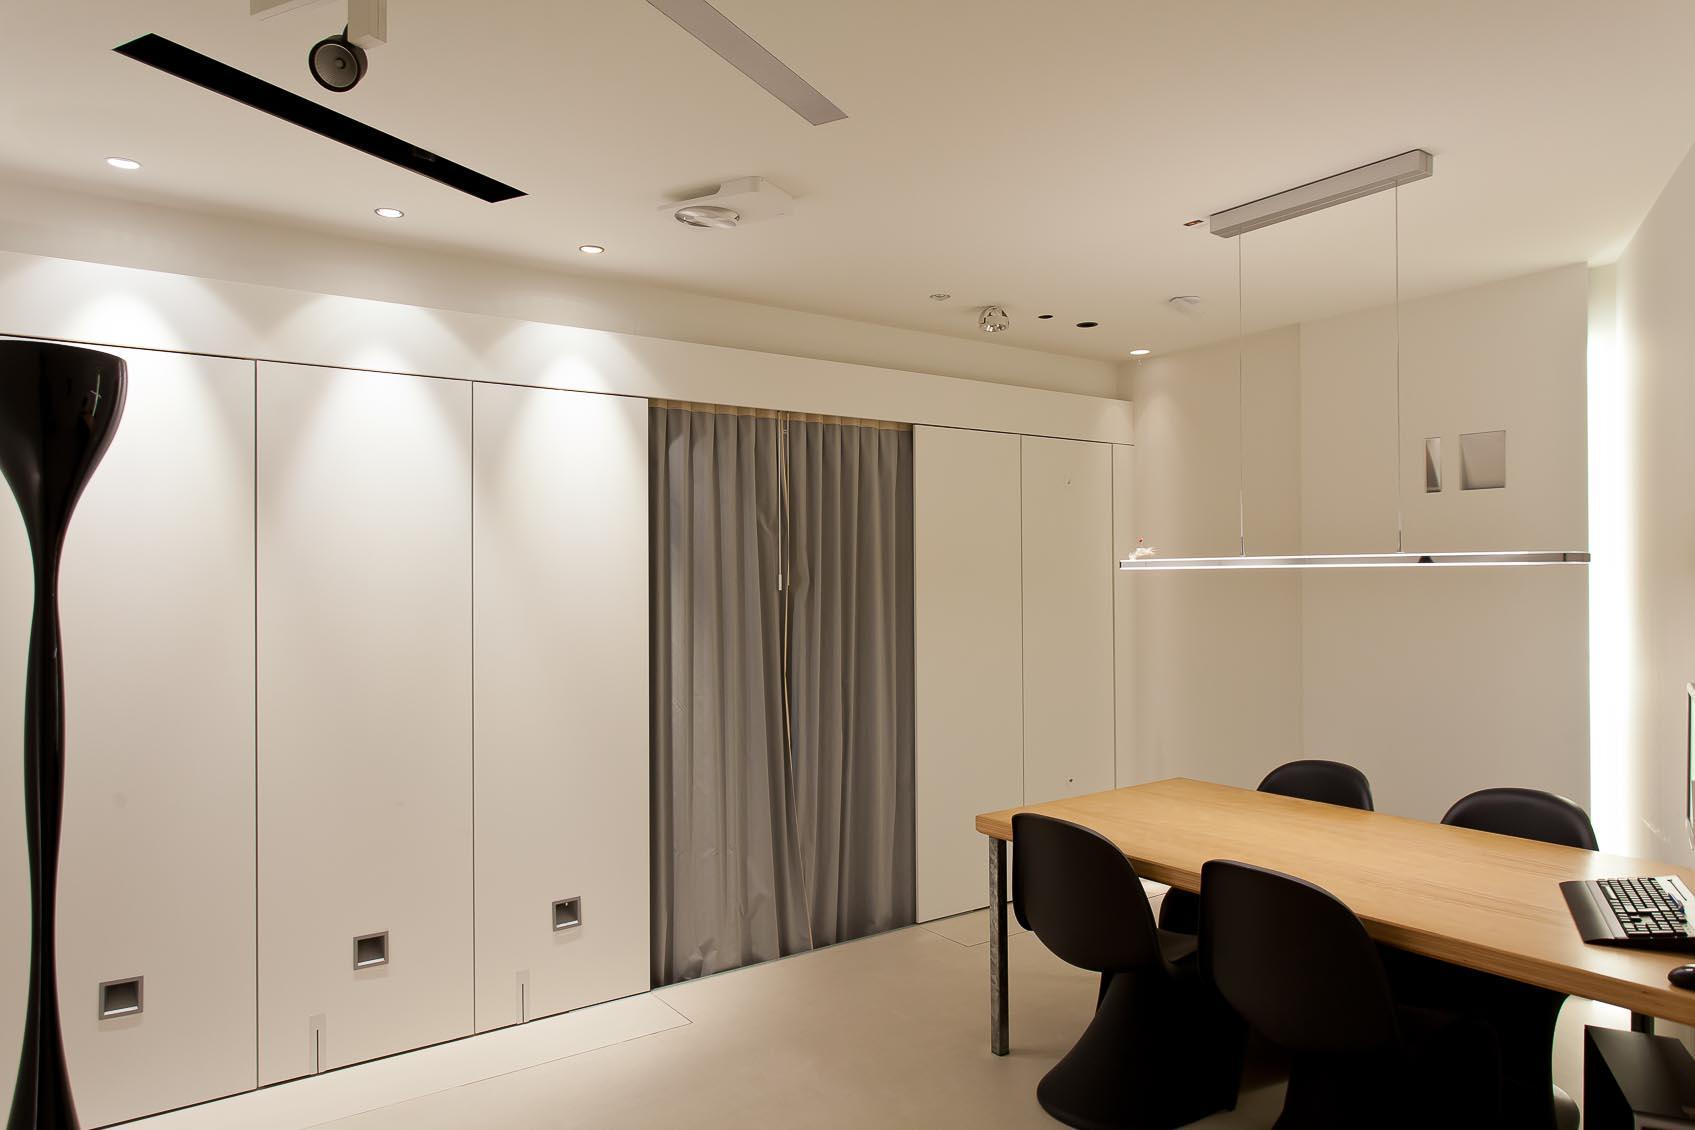 Beleef interieurverlichting in onze design lichtstudio5